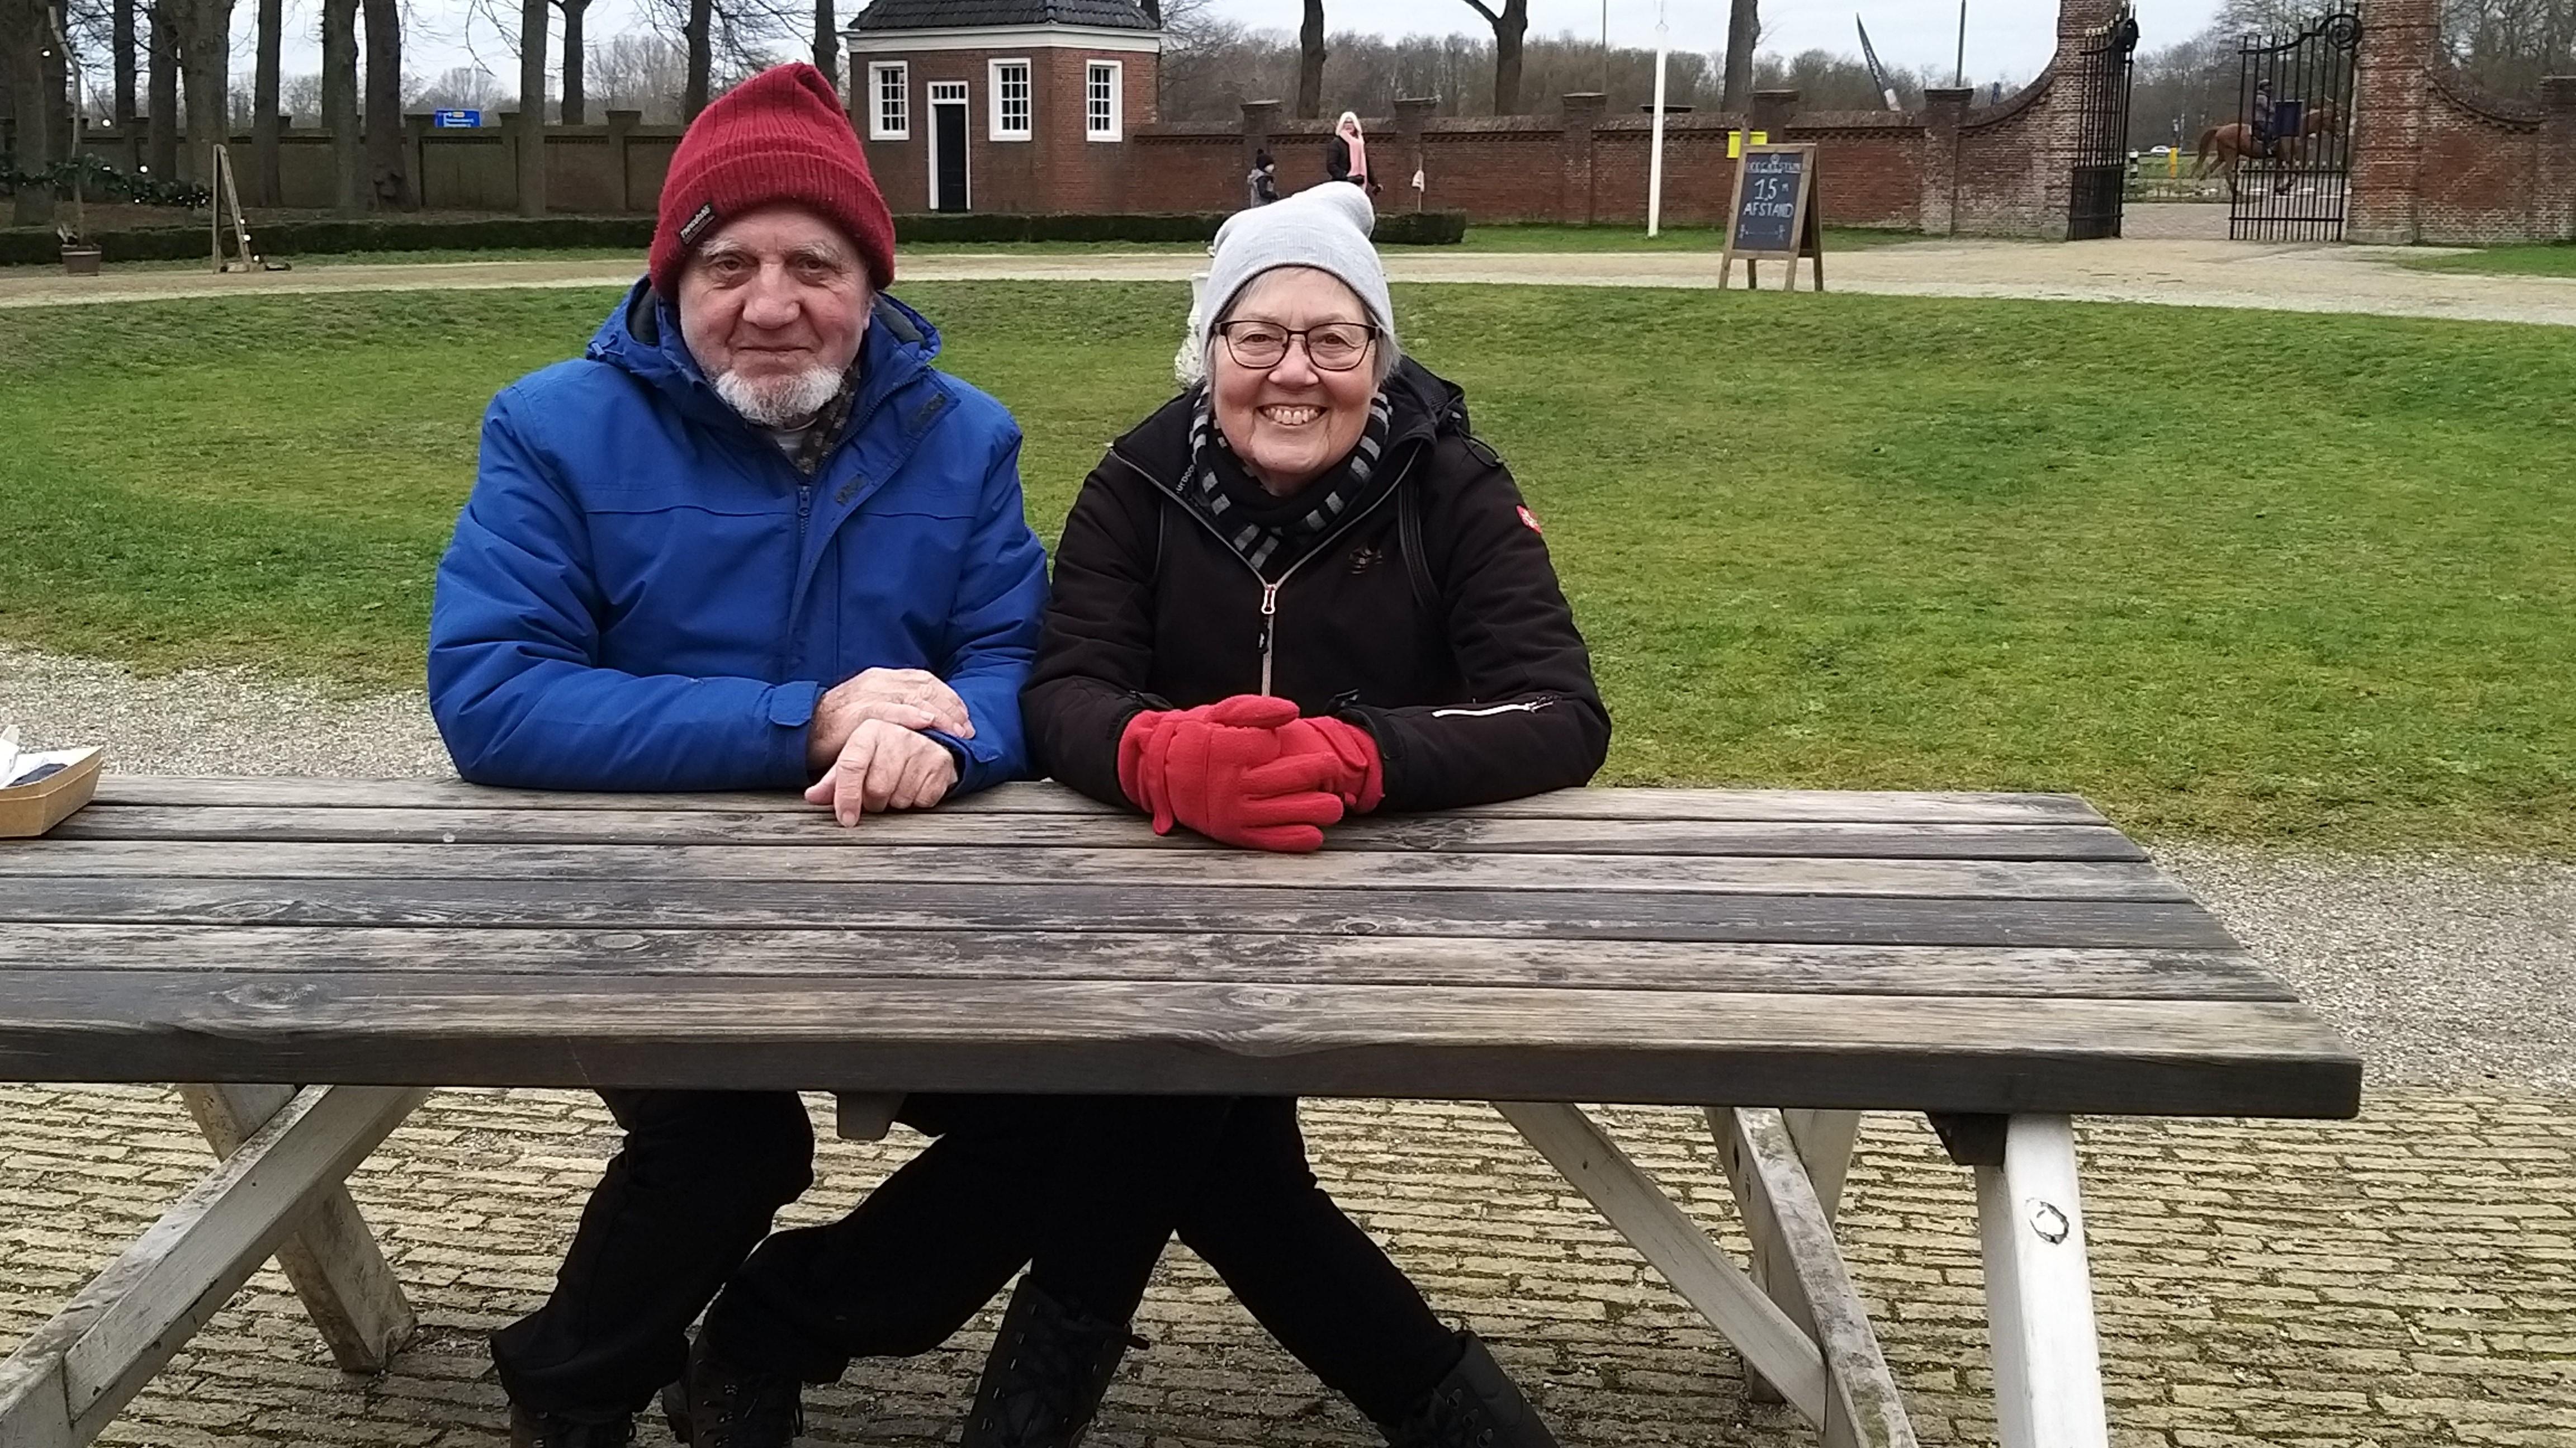 Ted en Annet tellen hun zegeningen: 'Kijk naar Engeland of Duitsland, daar zijn de beperkingen groter'